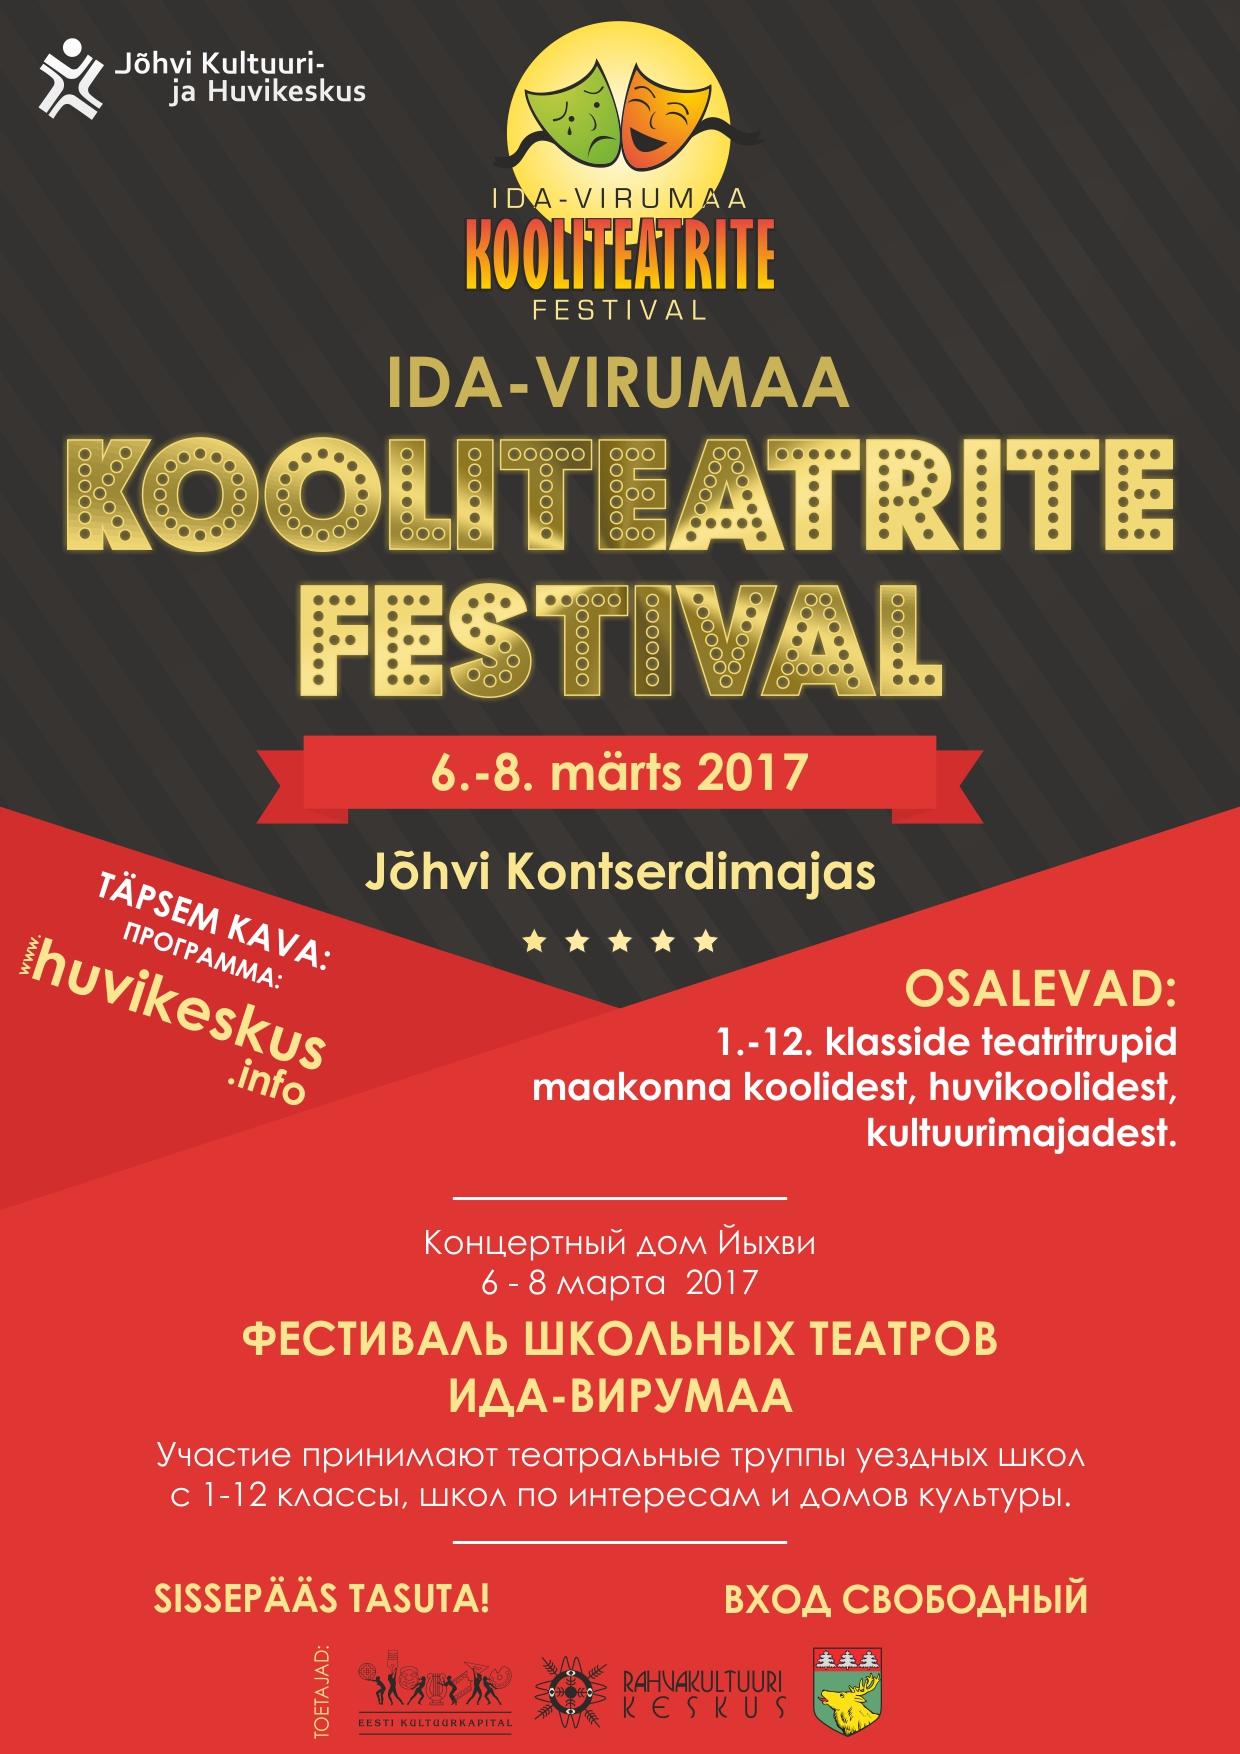 KOOLITEATRITE FESTIVAL 2017